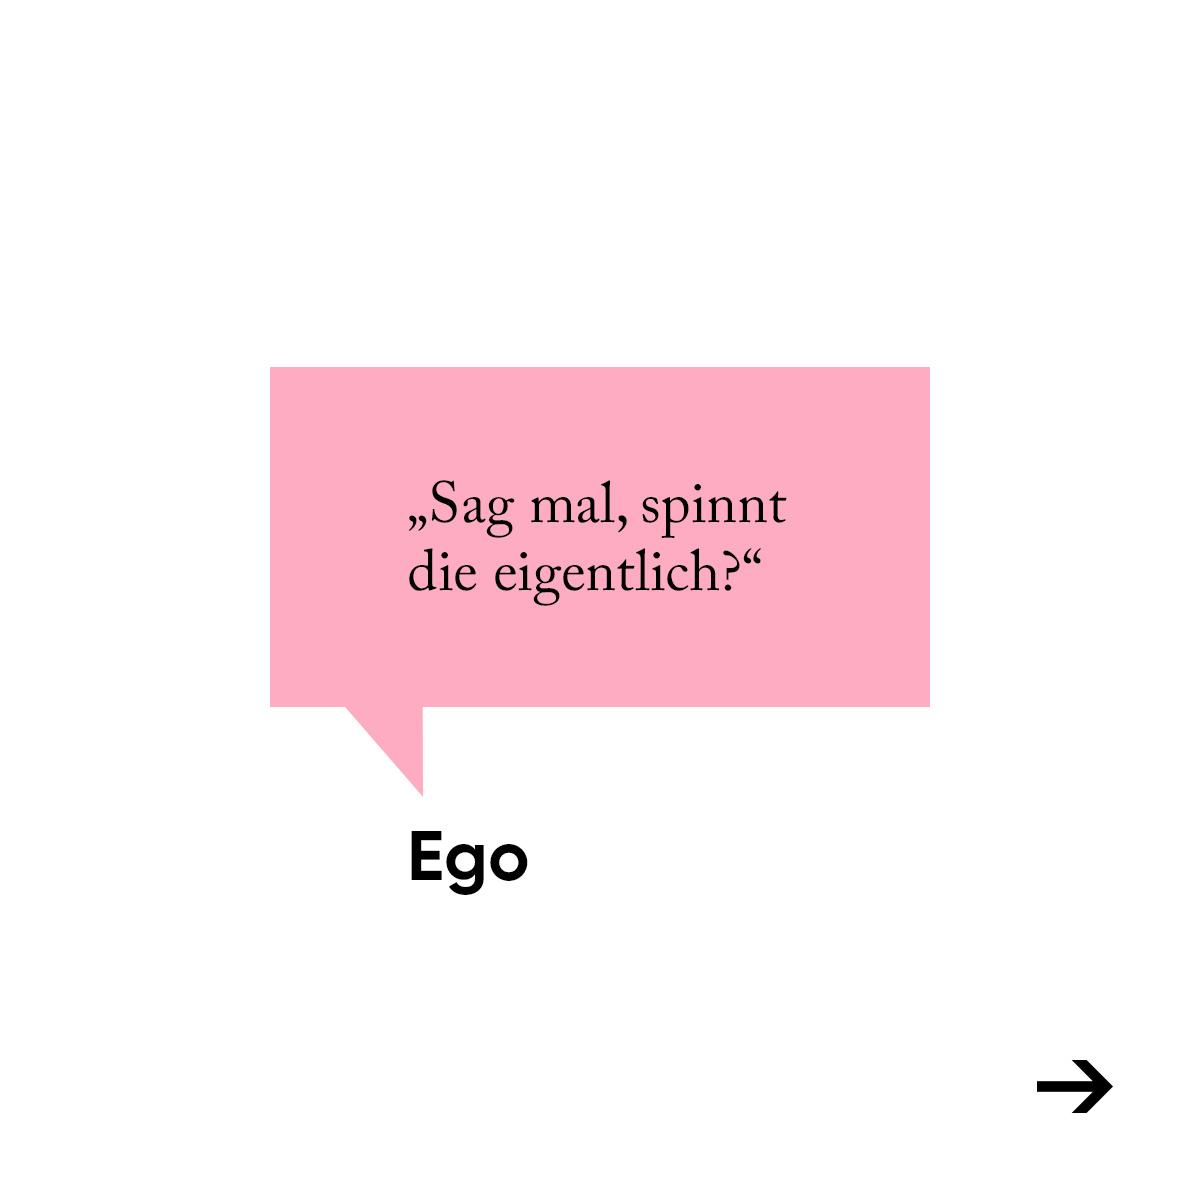 Instagram-Post-Ego-Missverständnis1